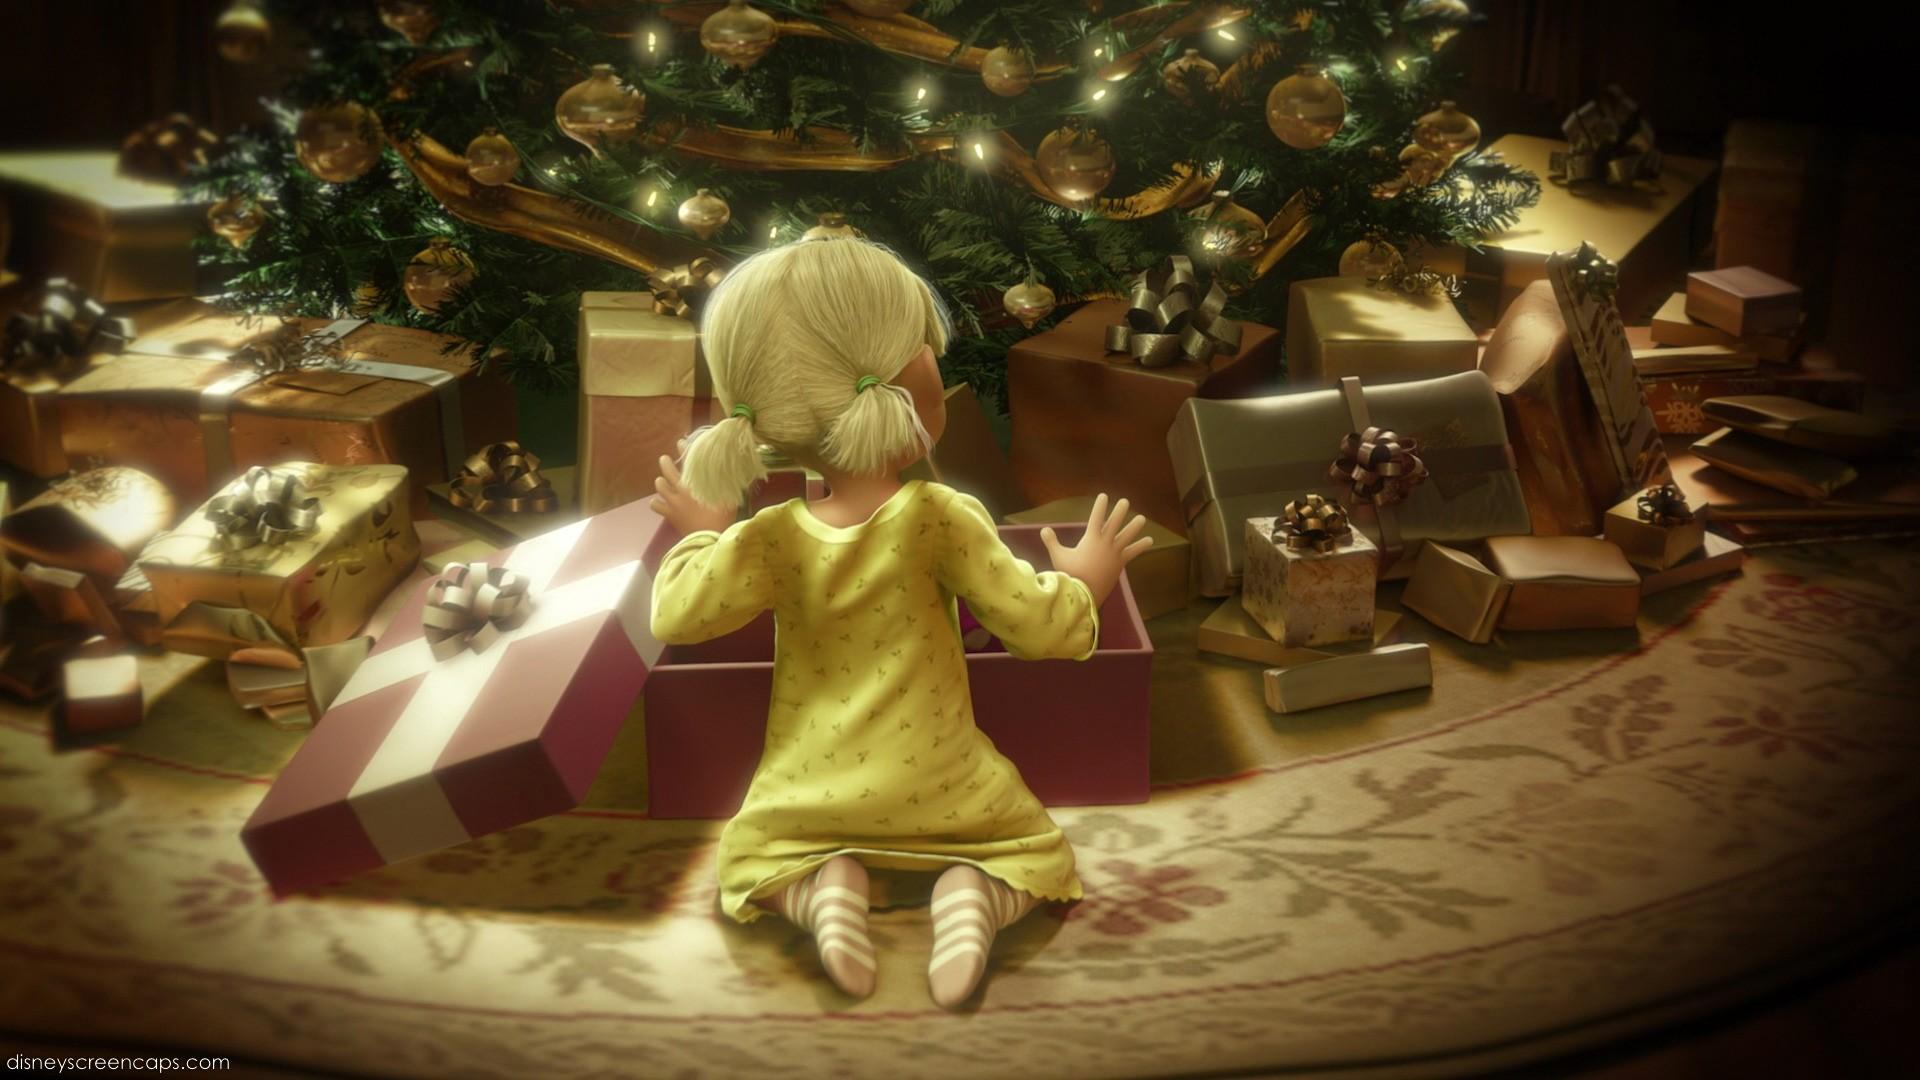 Daisy Toy Story 3 Disney Wiki Wikia